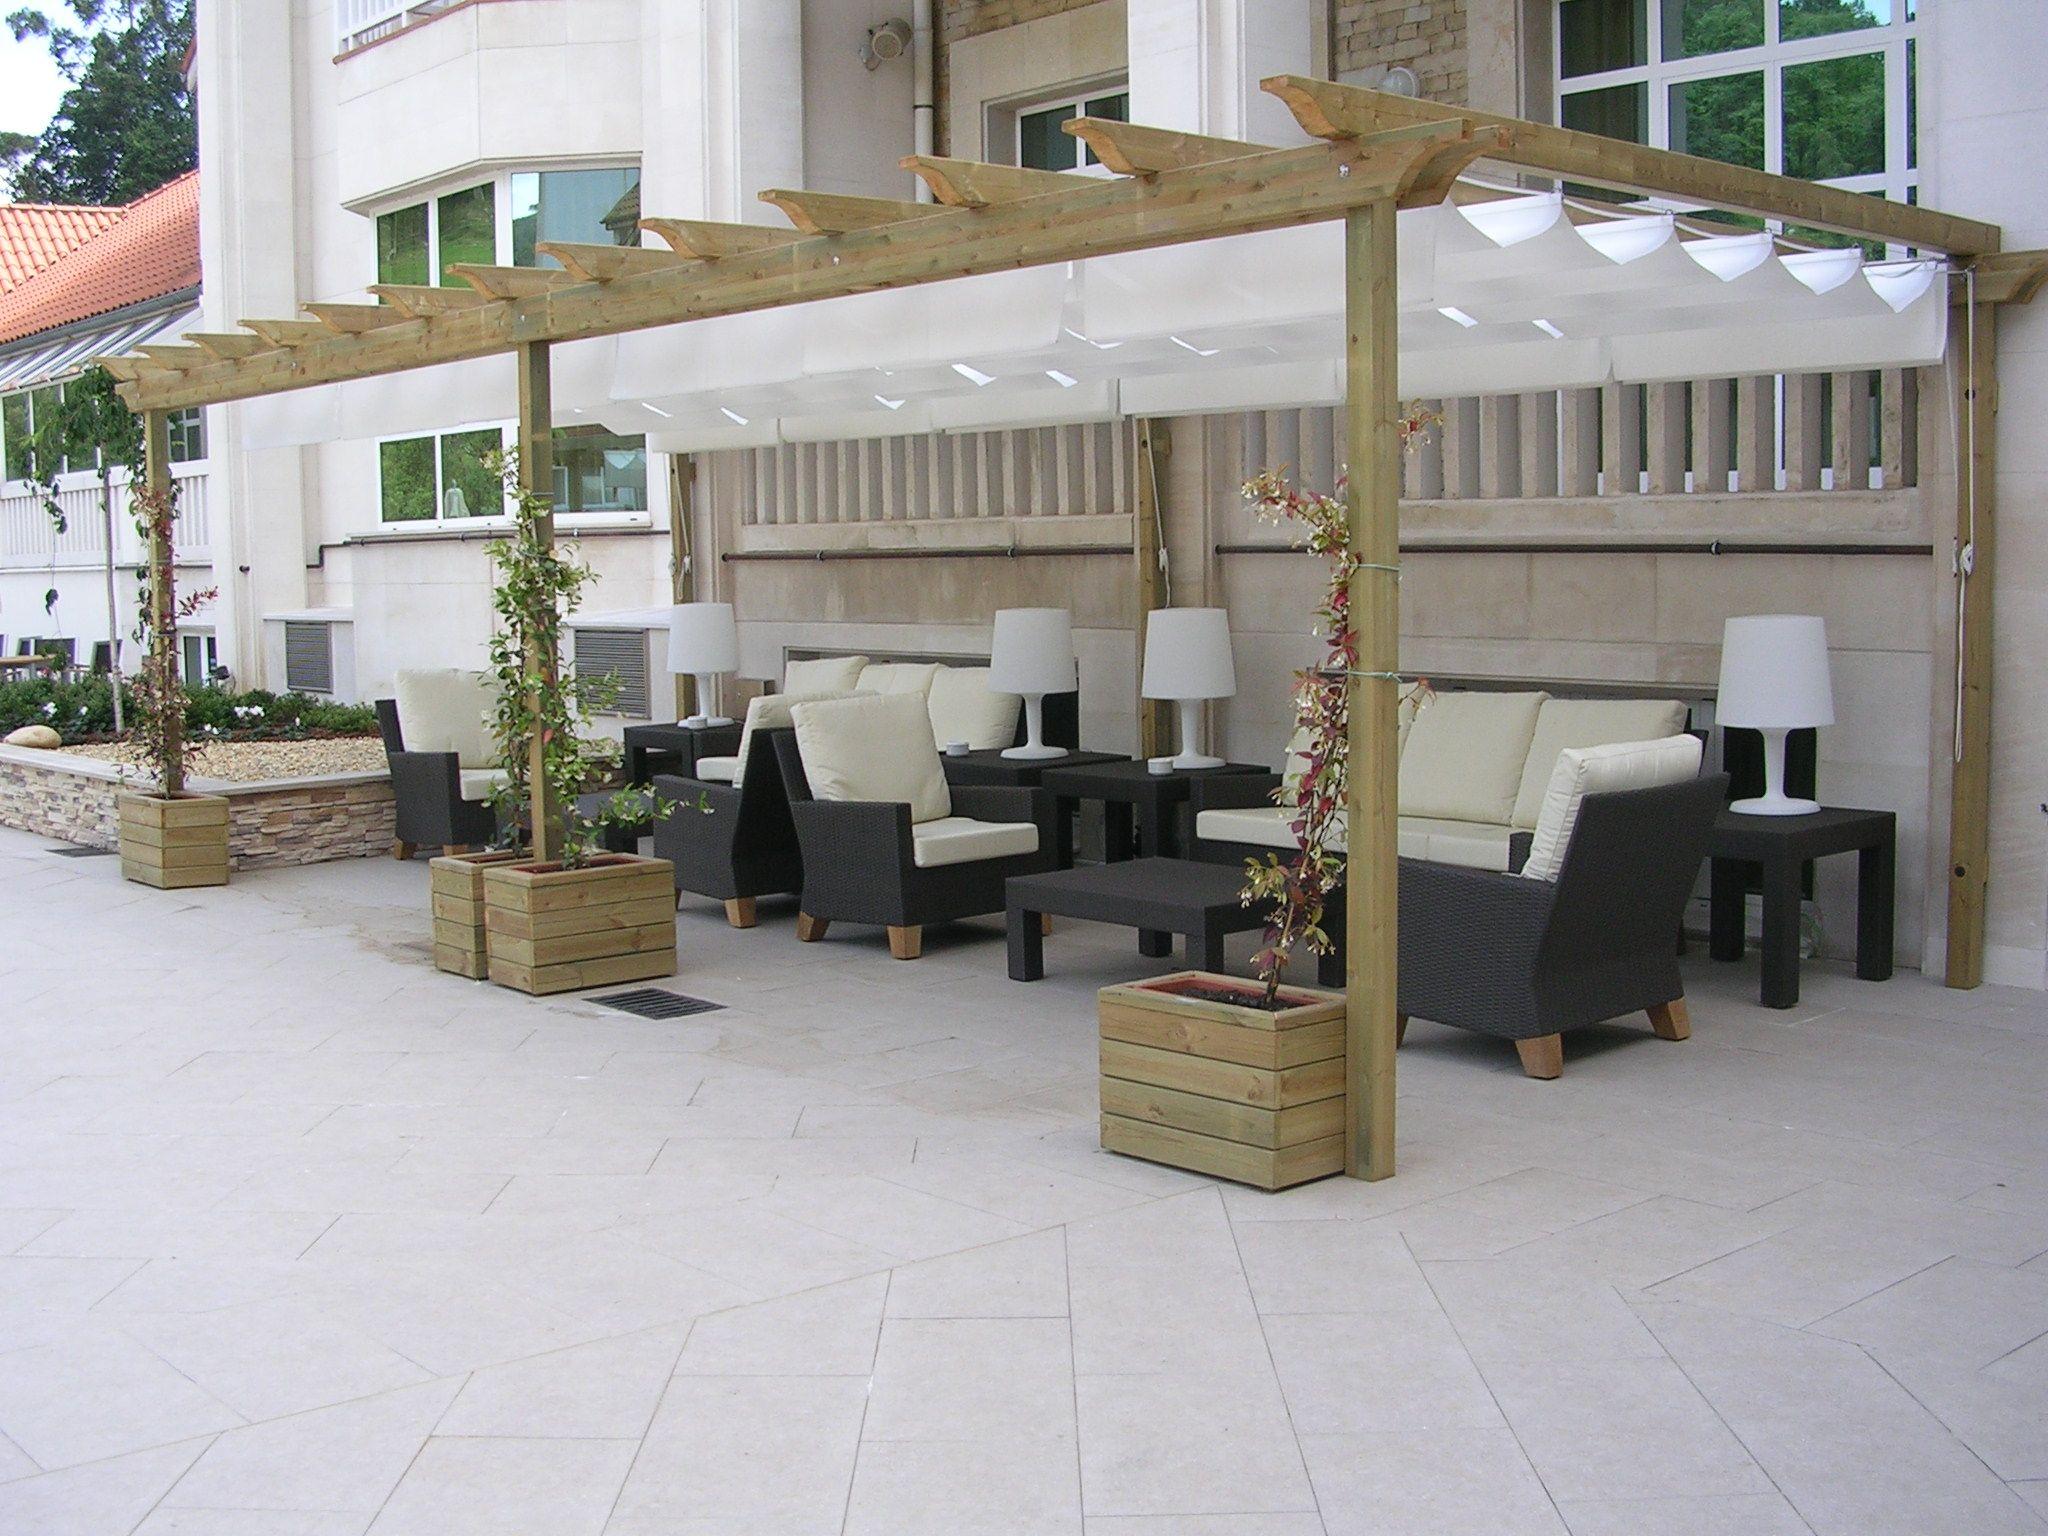 Terraza Balneario De Puente Viesgo Balneario Hotel Terraza